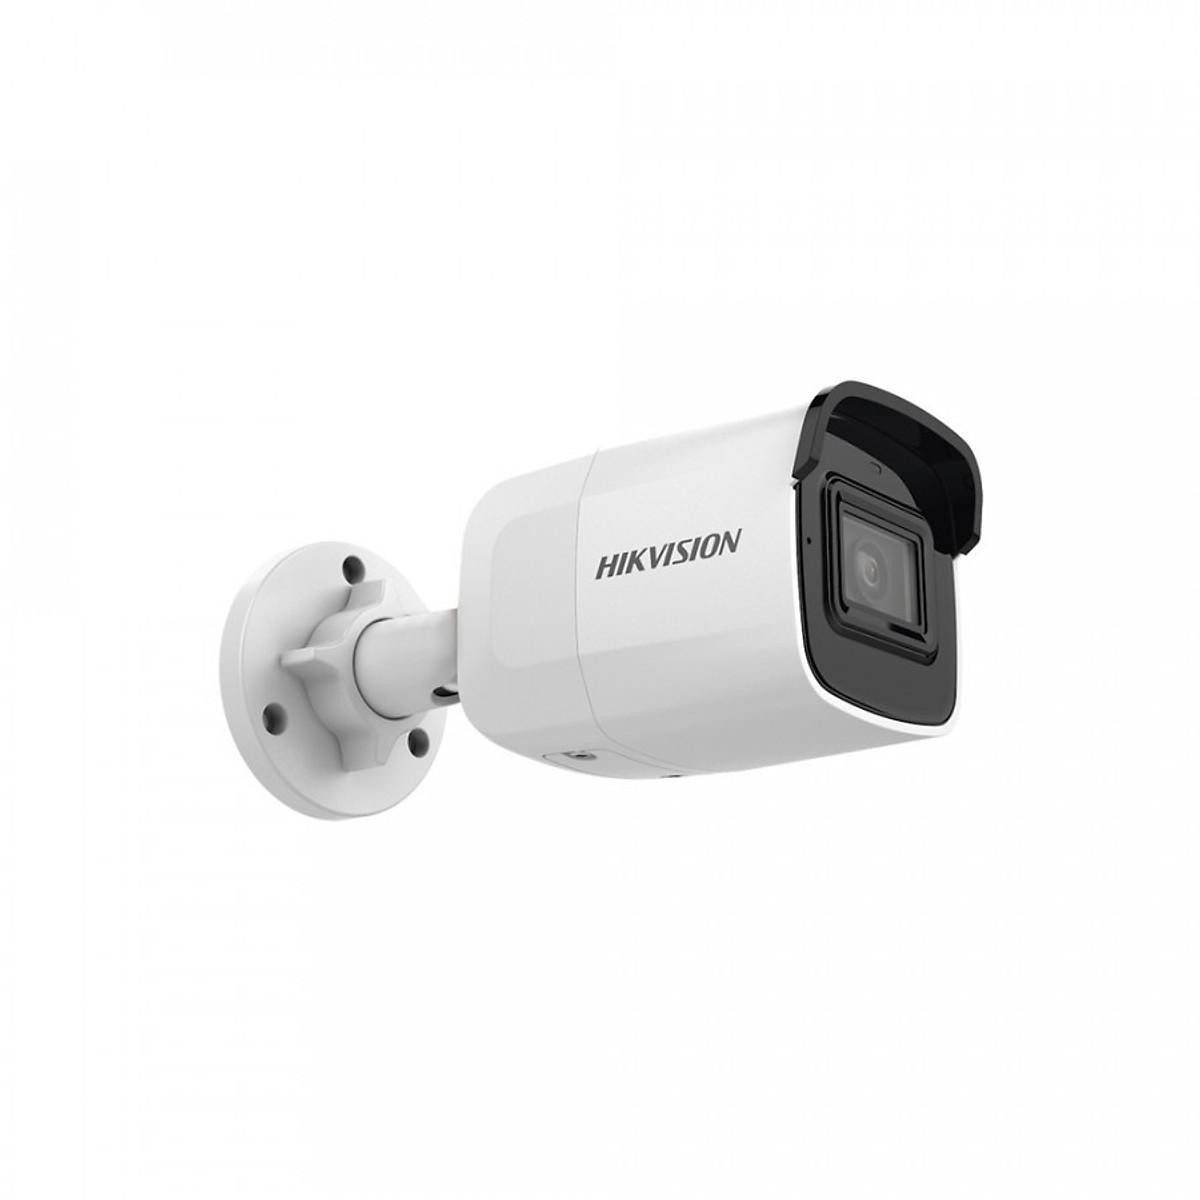 Camera Giám Sát An Ninh IP Wifi Không Dây Hồng Ngoại Nhìn Đêm – Hikvision DS-2CD2021G1-IW – Hàng nhập khẩu